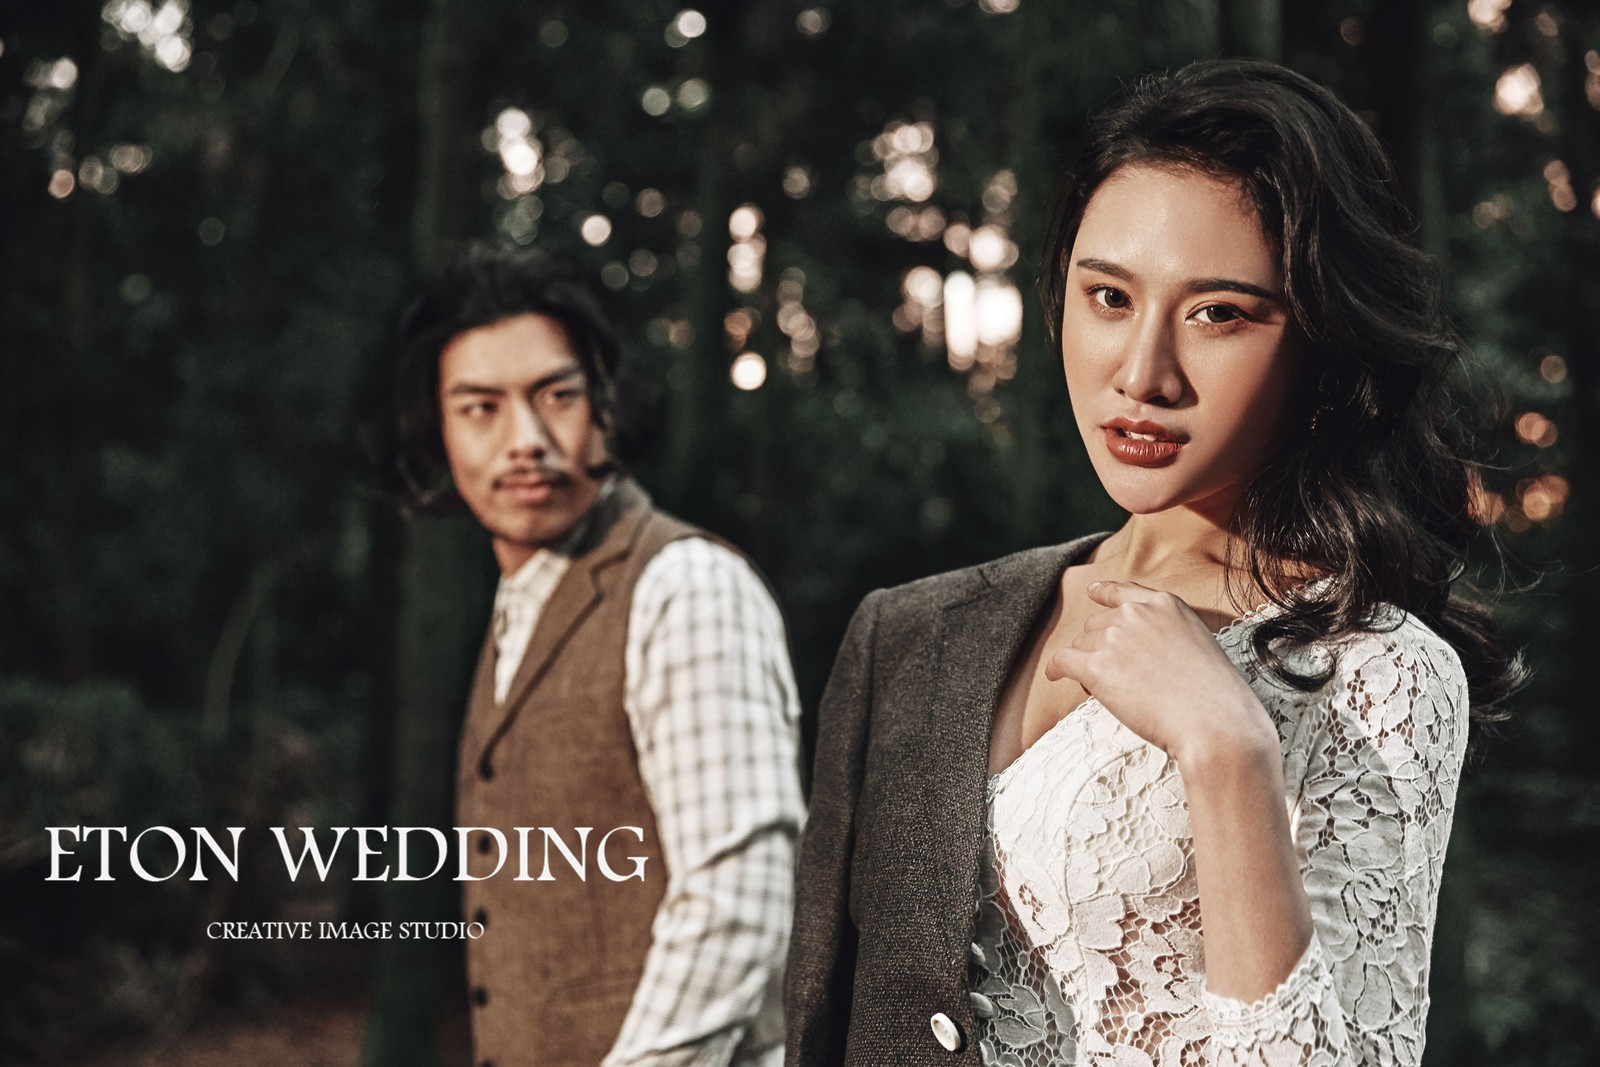 拍婚紗照,婚紗照風格,婚紗照價格,婚紗攝影價格,拍婚紗價格,質感婚紗